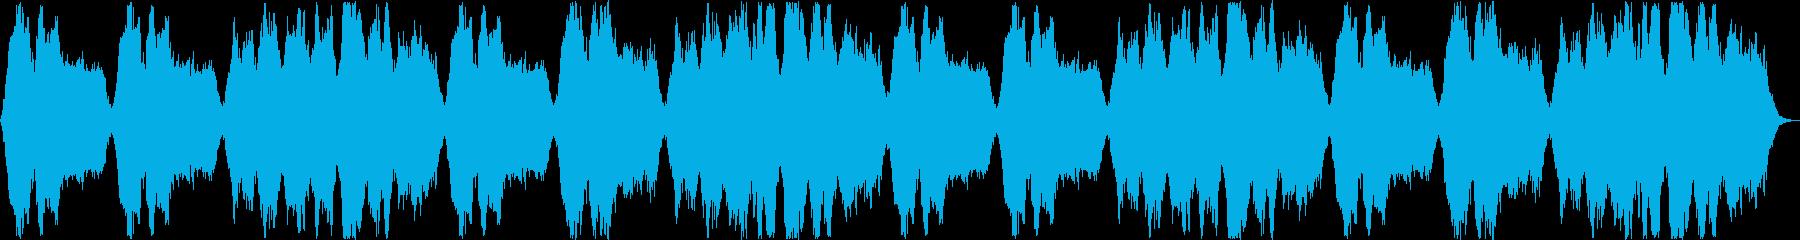 壮大な印象のシンセサイザーサウンドの再生済みの波形